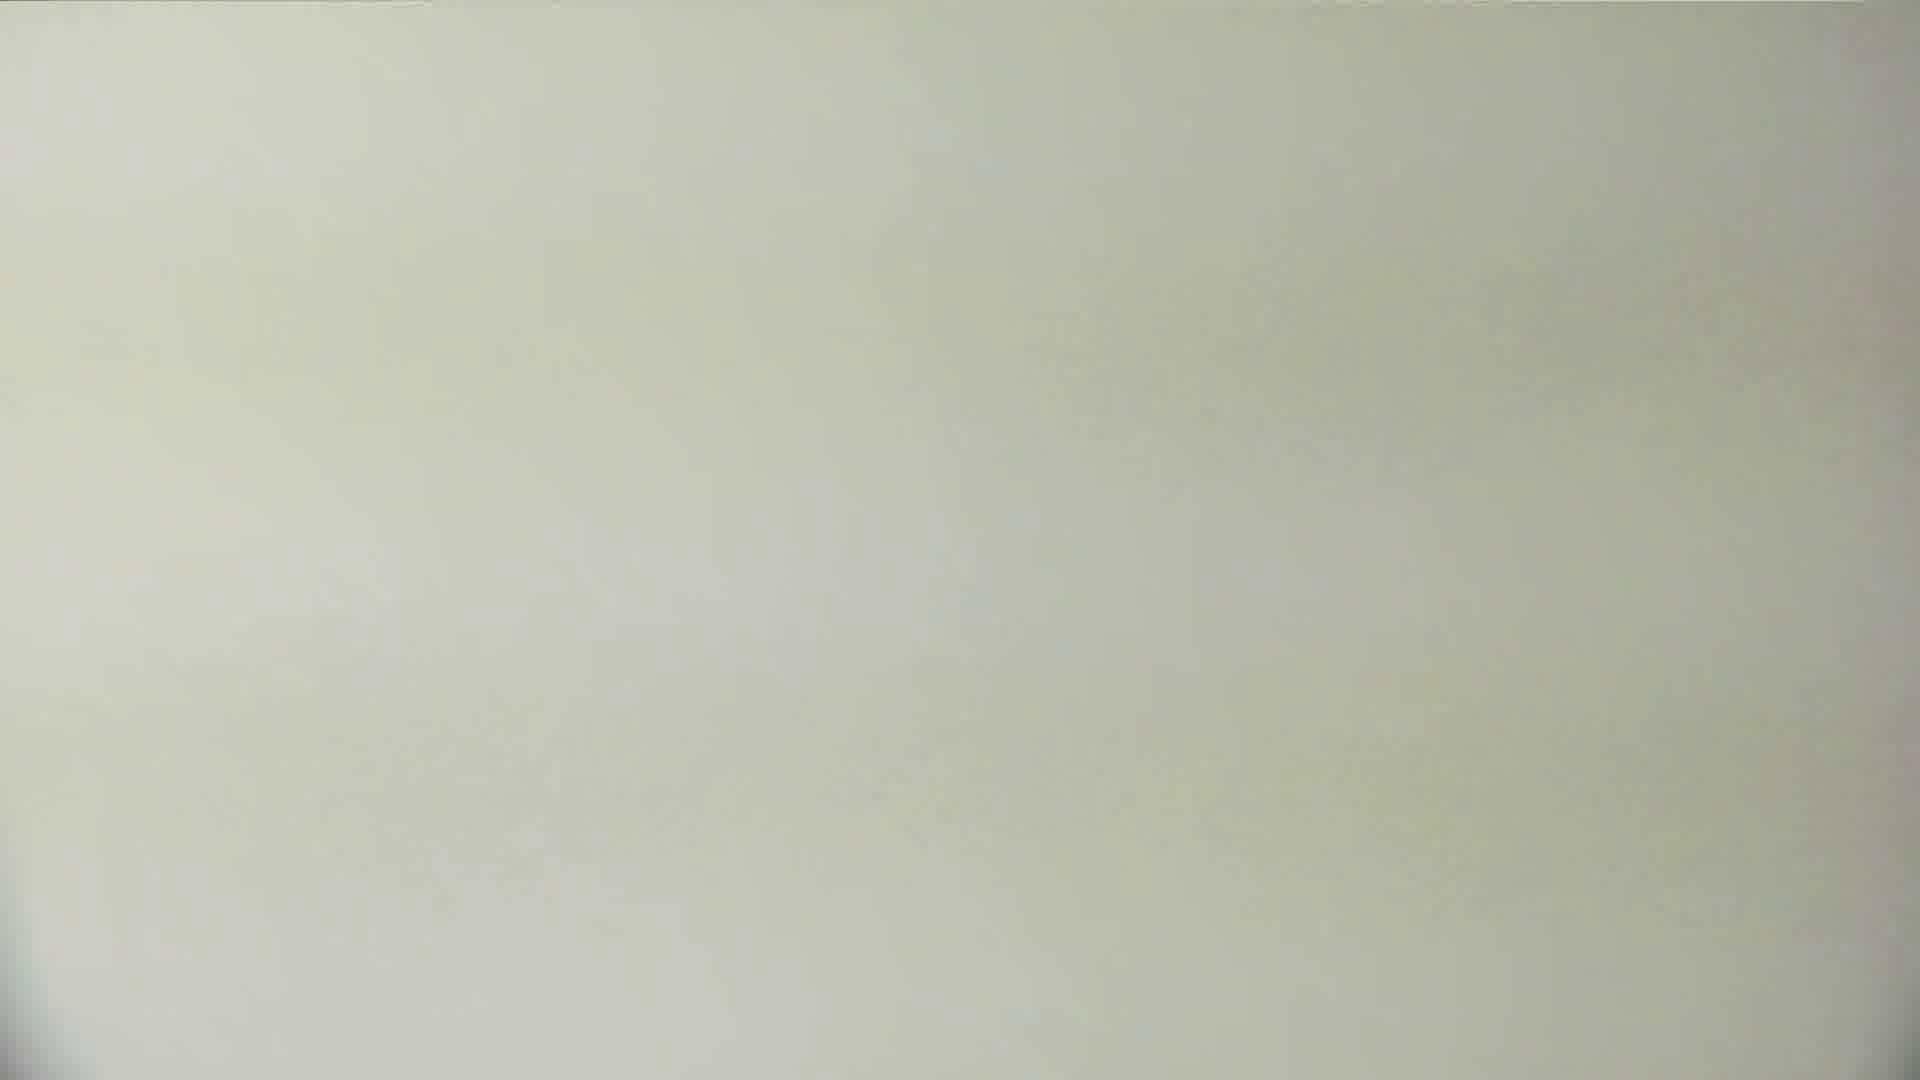 【美しき個室な世界】 vol.023 めんこい人たち 洗面所  100pic 67